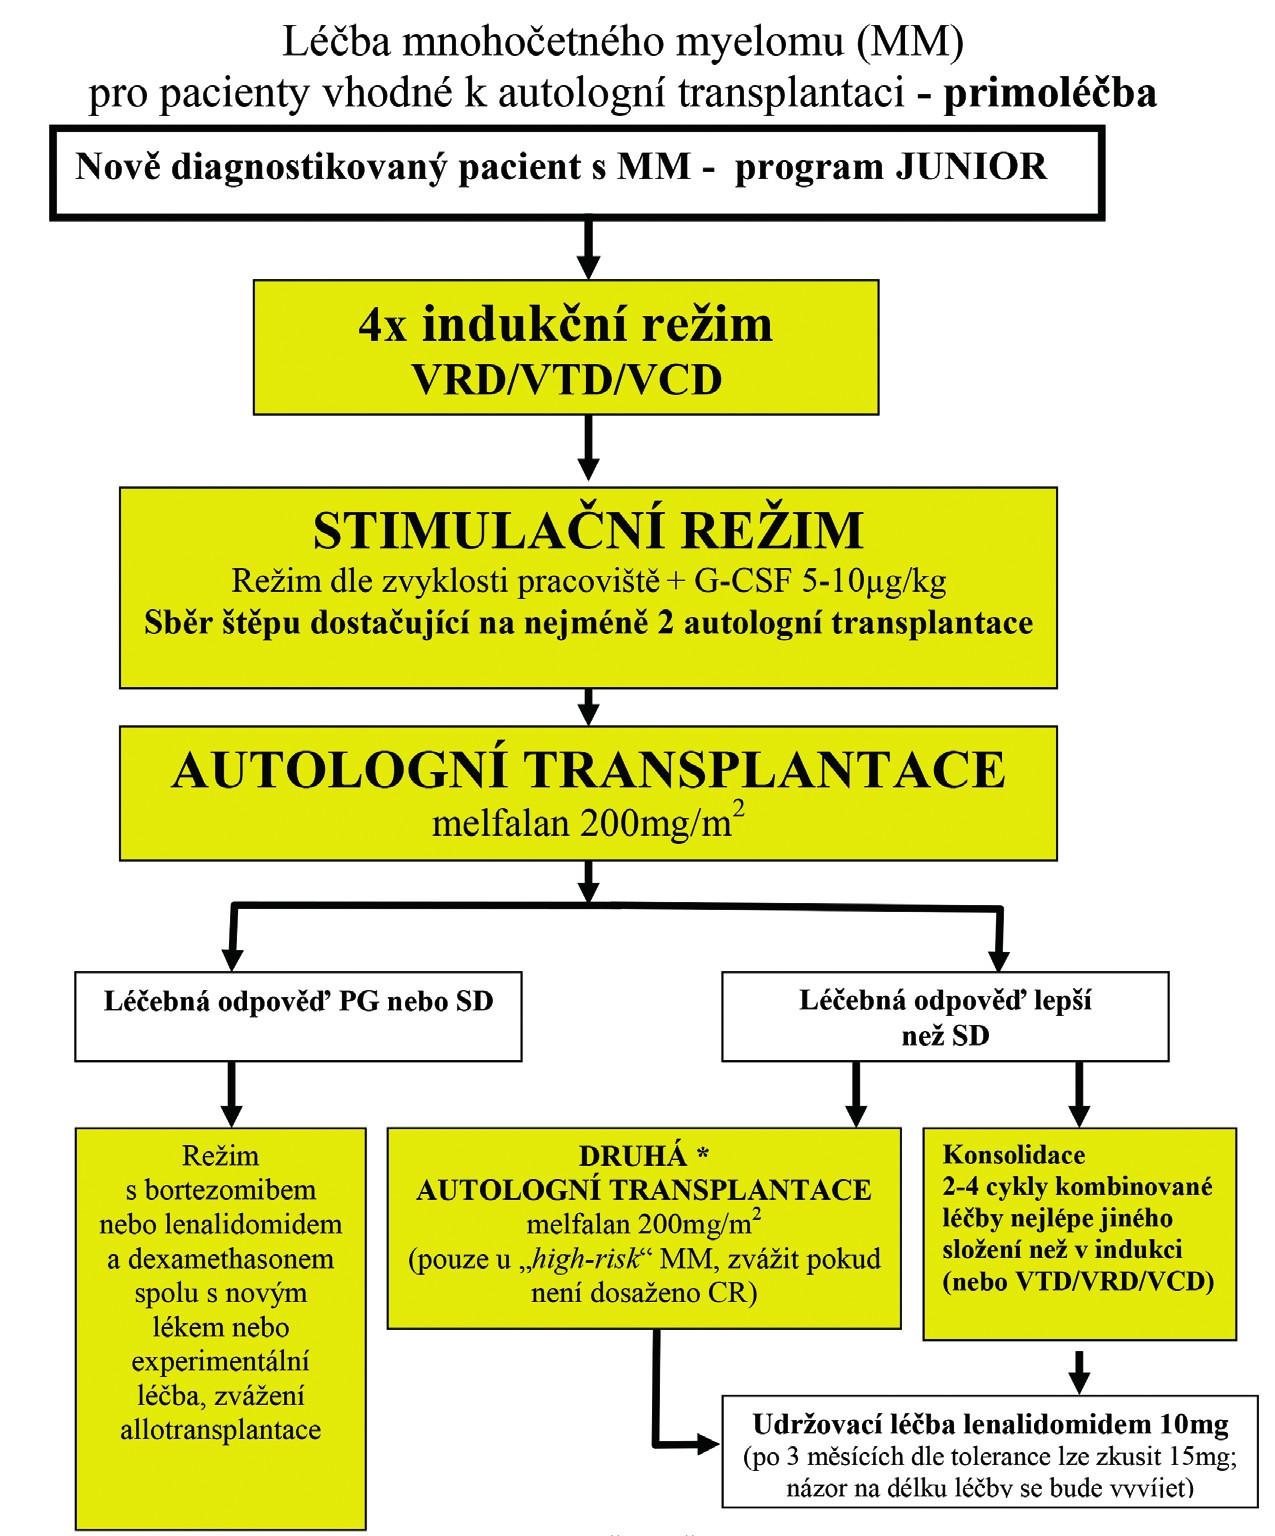 Primoléčba onemocnění u nemocných vhodných k autologní transplantaci* <b>*Jak autologní transplantace, tak konsolidace jsou možné možnosti volby</b> dalšího postupu, je-li cílem dosažení hluboké remise (kompletní remise potvrzena průtokovou cytometrií nebo metodami molekulární biologie v primoléčbě).